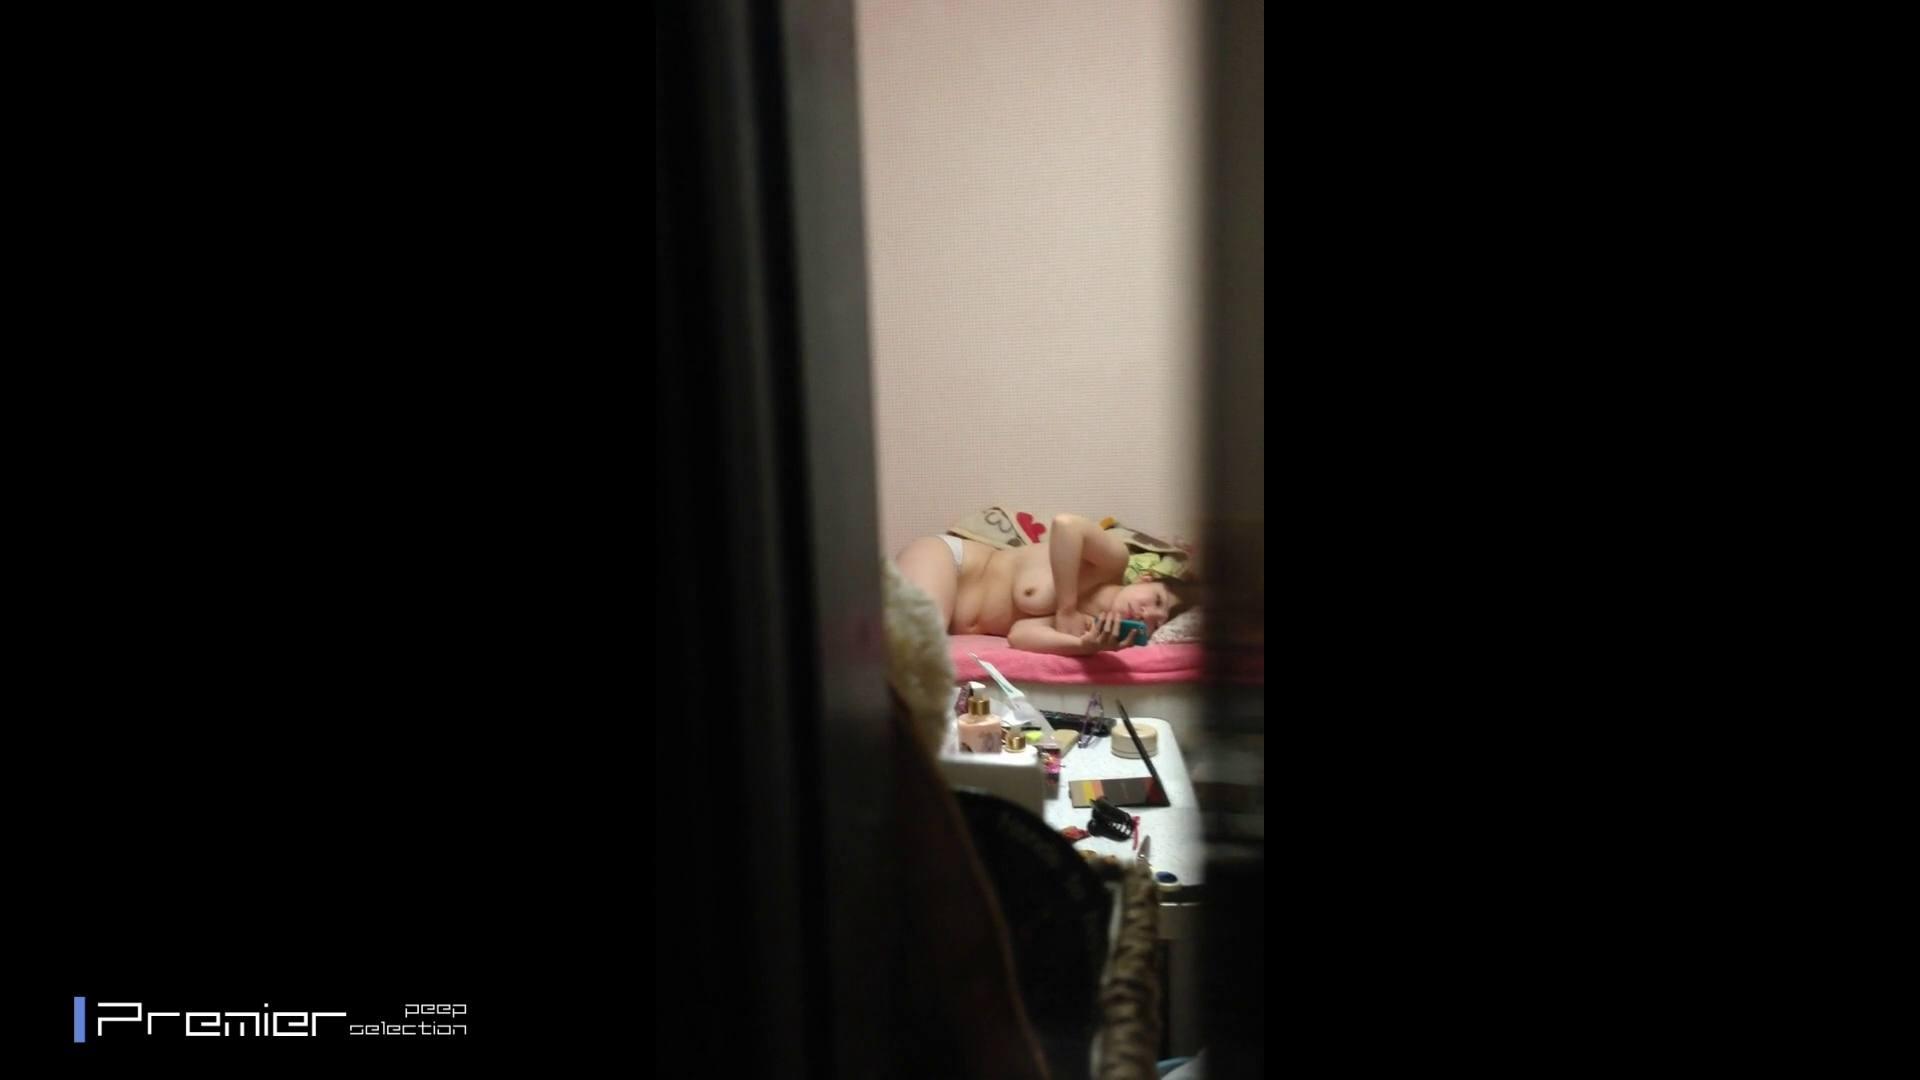 吉祥寺の美容師 エロい休日 美女達の私生活に潜入! 細身   桃色乳首  35画像 8